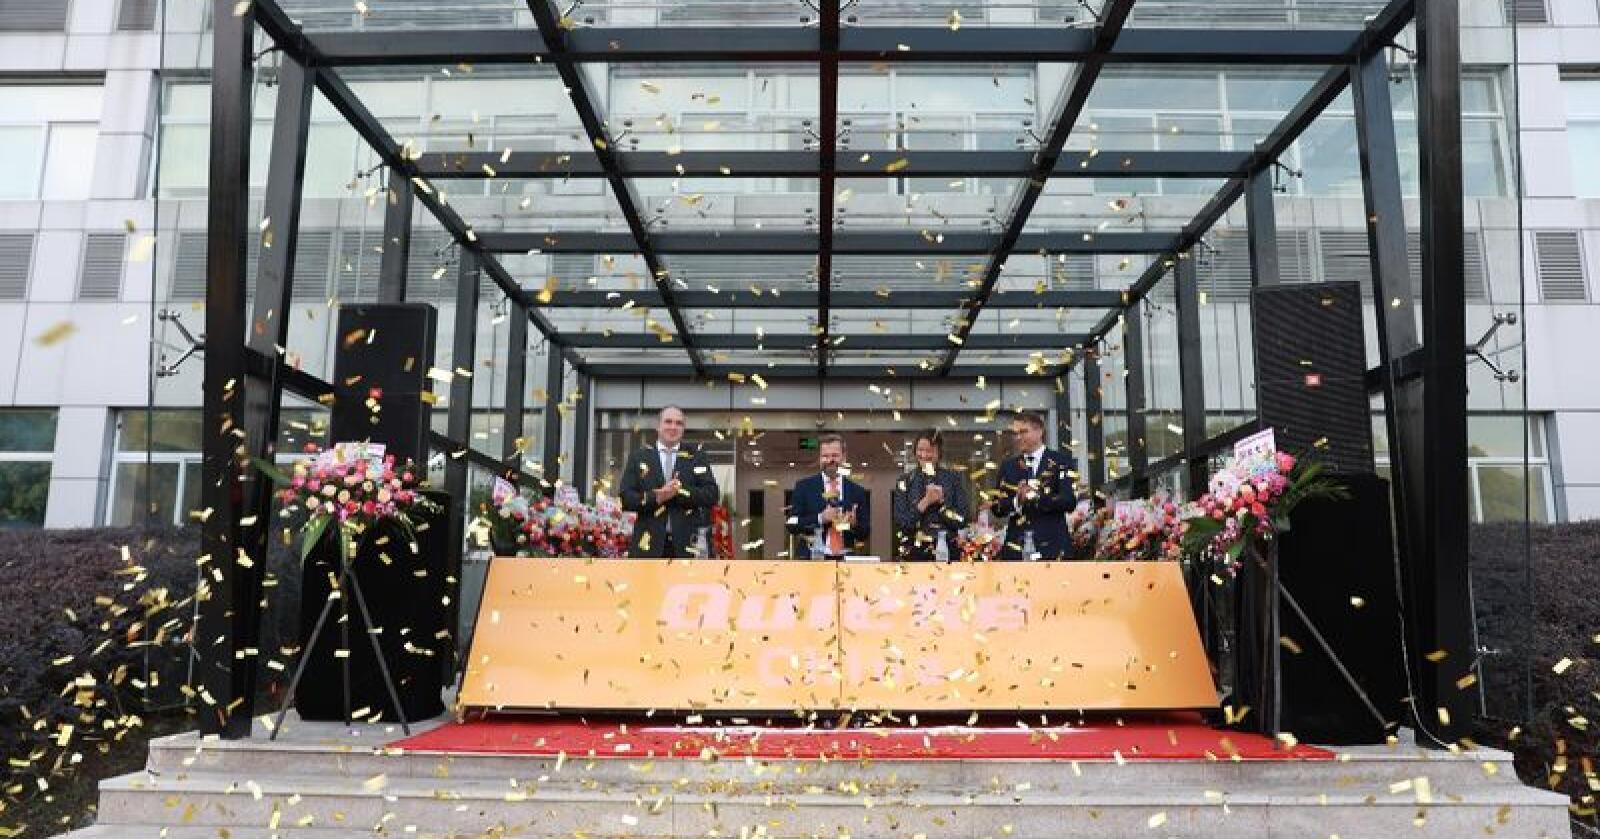 Feiring: Den nye fabrikken ble åpna 11. oktober 2018 av Niklas Åström, administrerende direktør i Ålö. Foto: Ålö